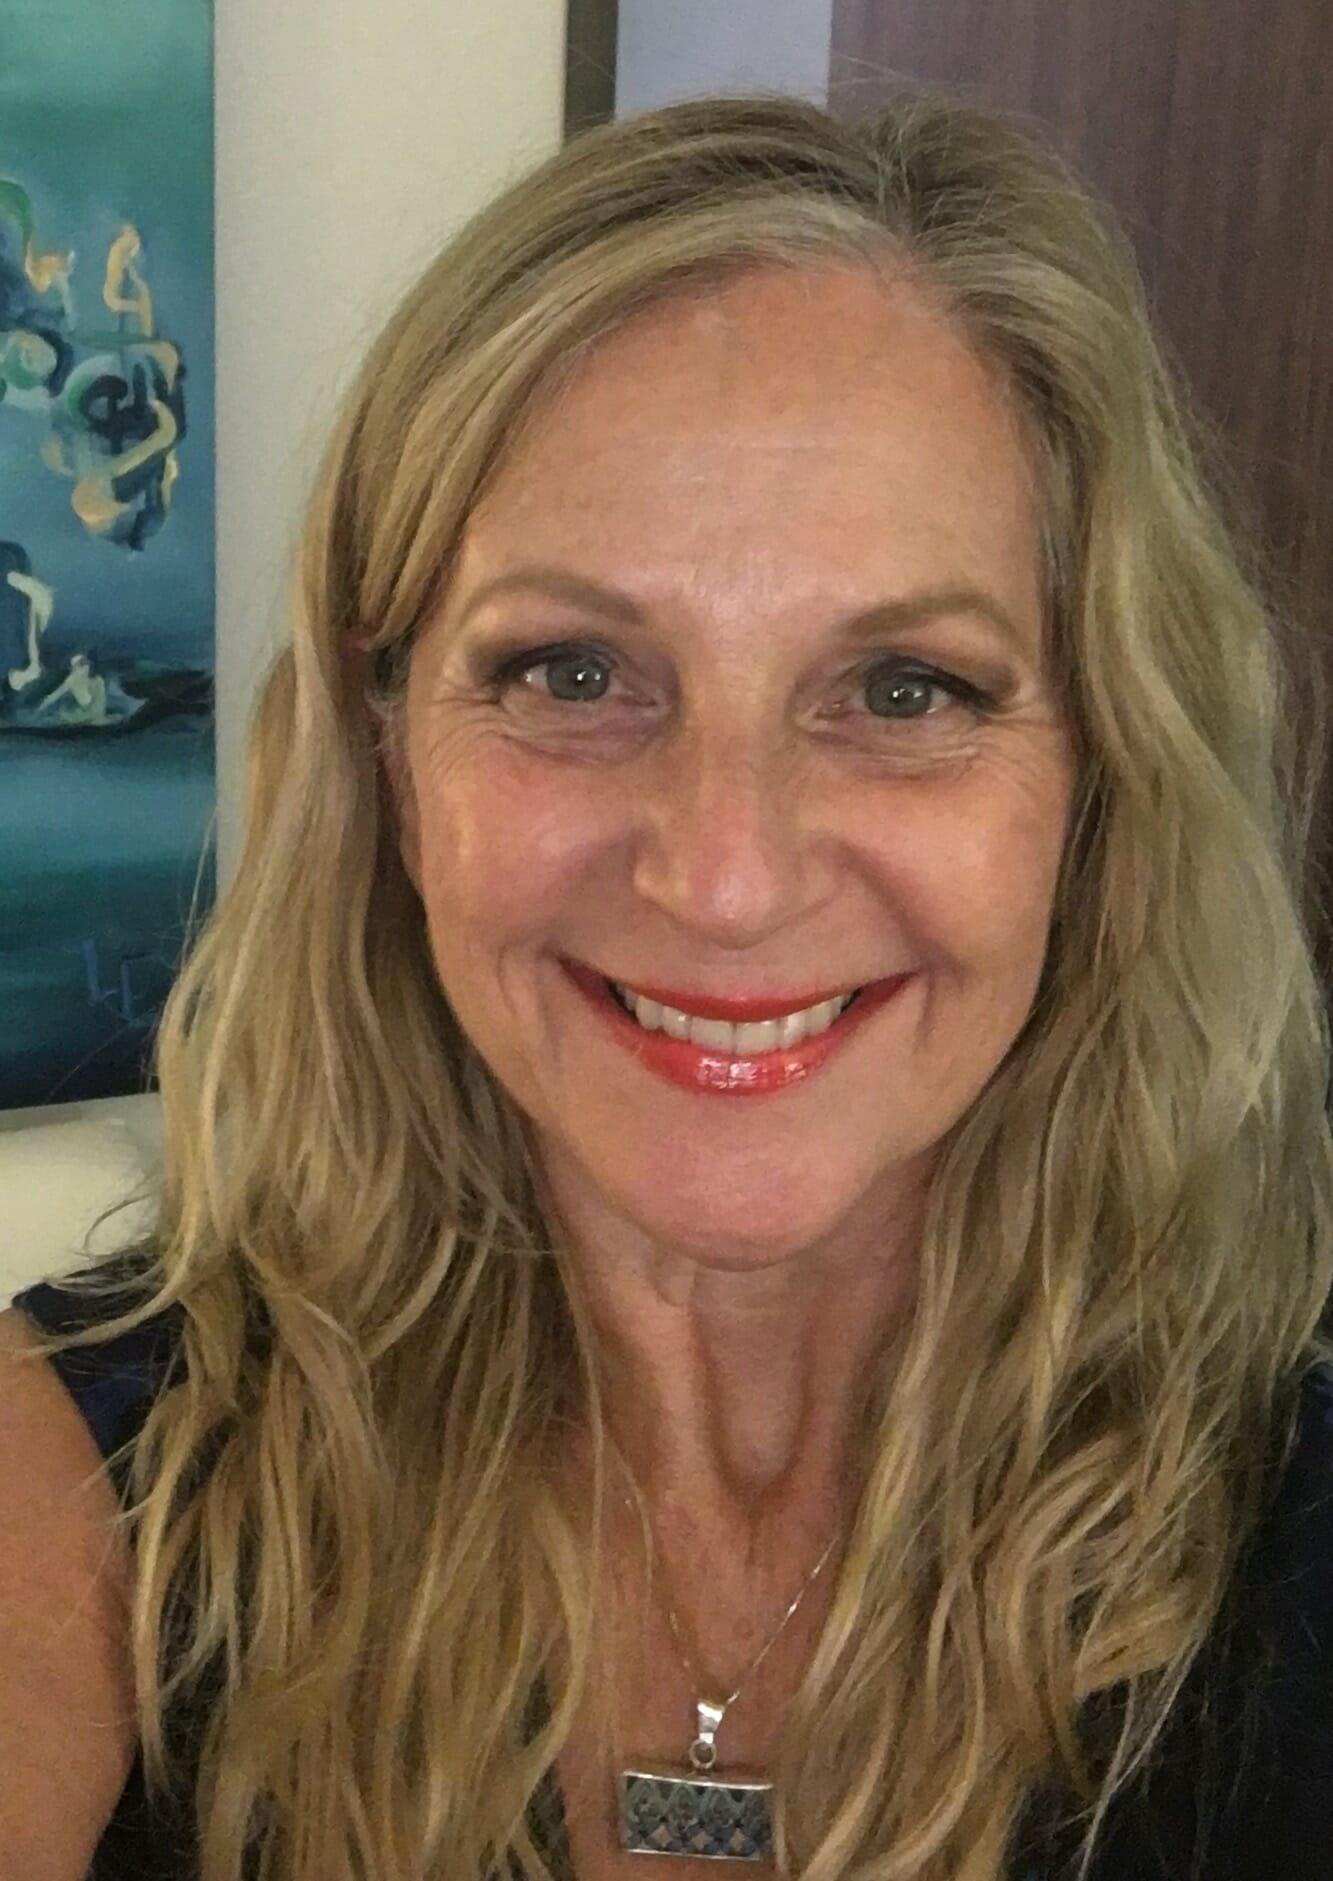 Valerie Grimes hypnotist in dallas